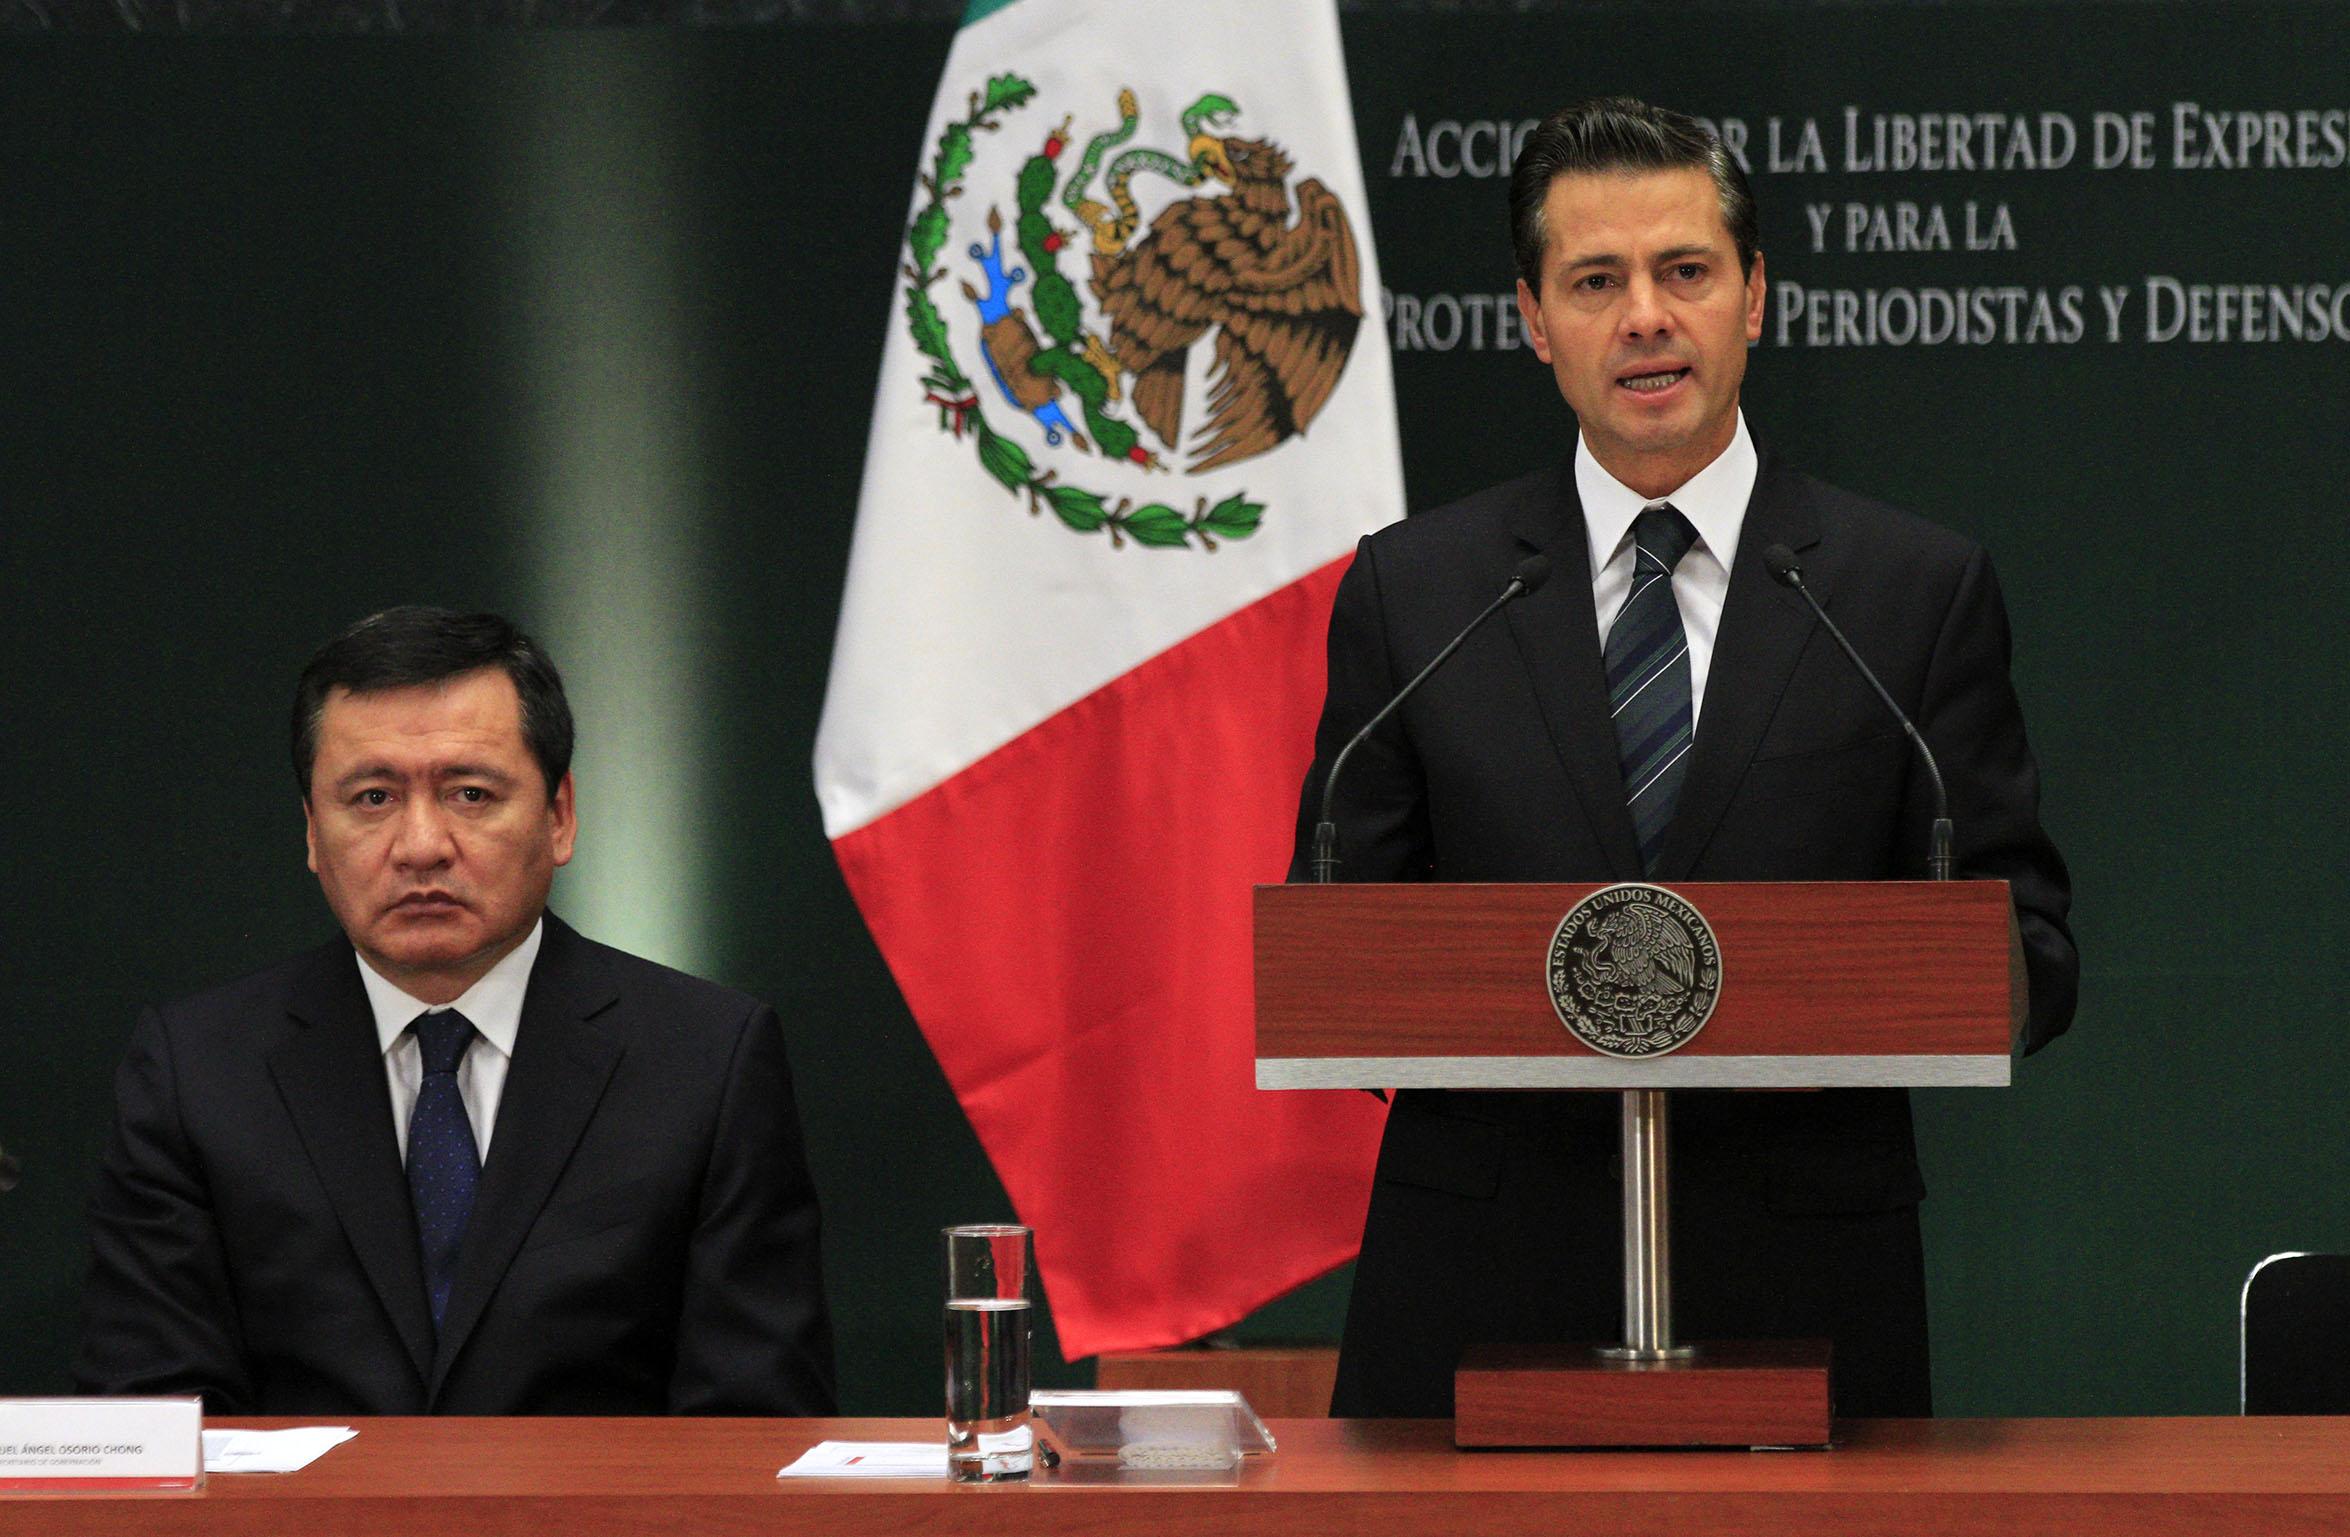 El presidente Enrique Peña Nieto presentó las Acciones por la Libertad de Expresión y para la Protección de Periodistas y Defensores de Derechos Humanos, ante los crímenes cometidos contra comunicadores.